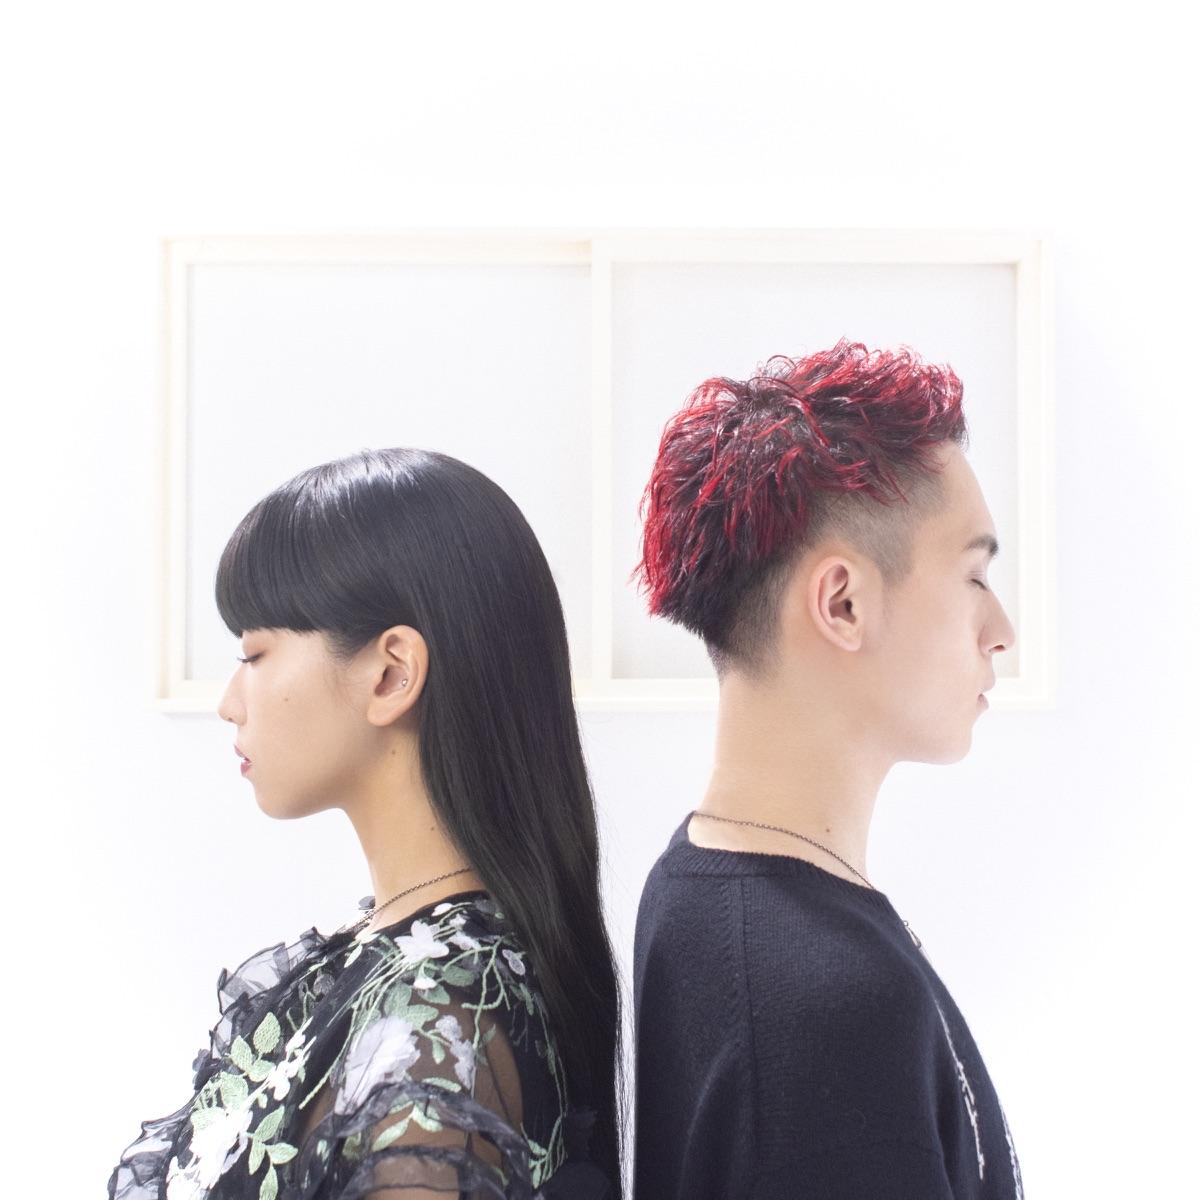 『Novel Core - 天気雨 feat. Hina (from FAKY)』収録の『天気雨 feat. Hina (from FAKY)』ジャケット